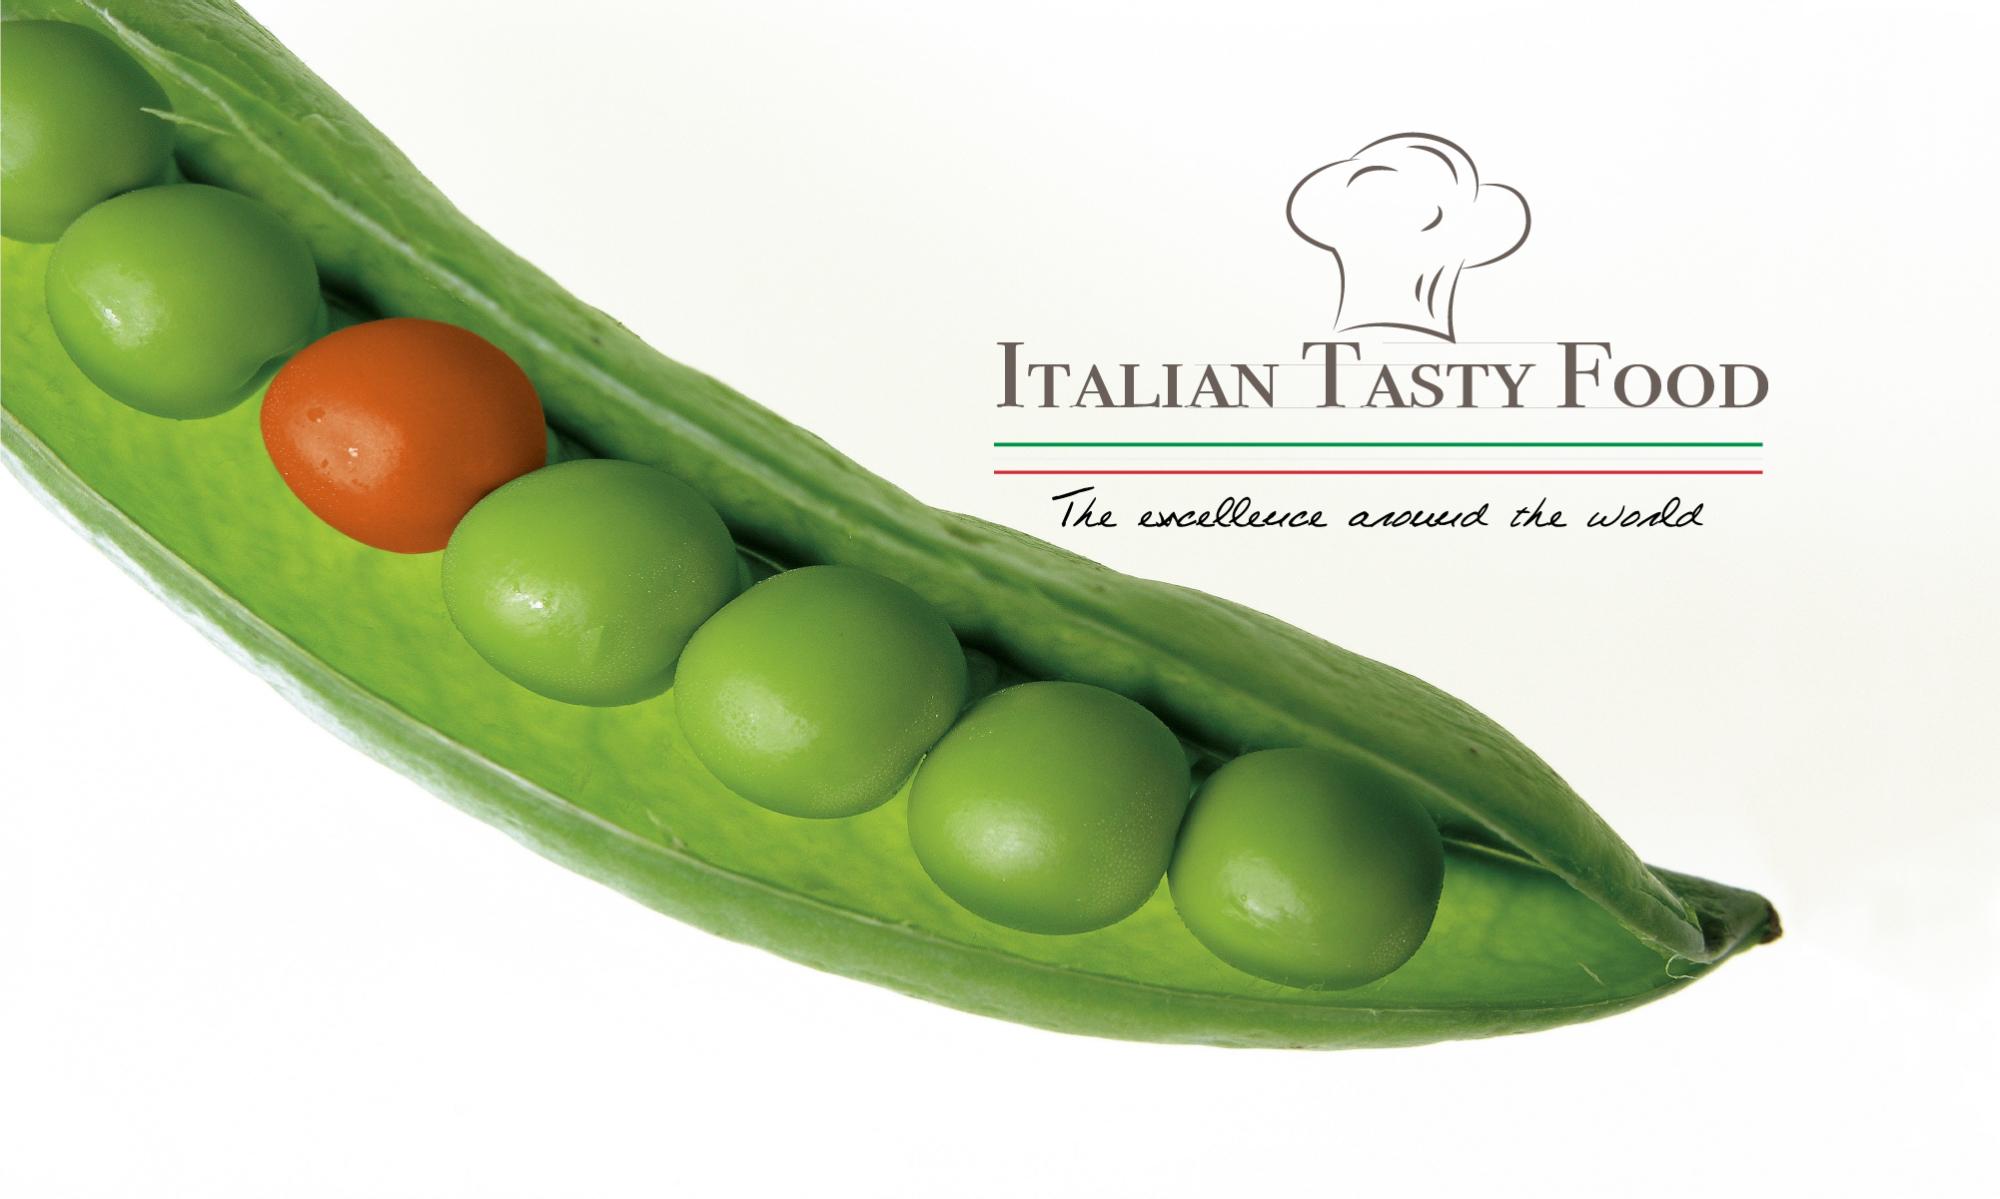 Italian Tasty Food